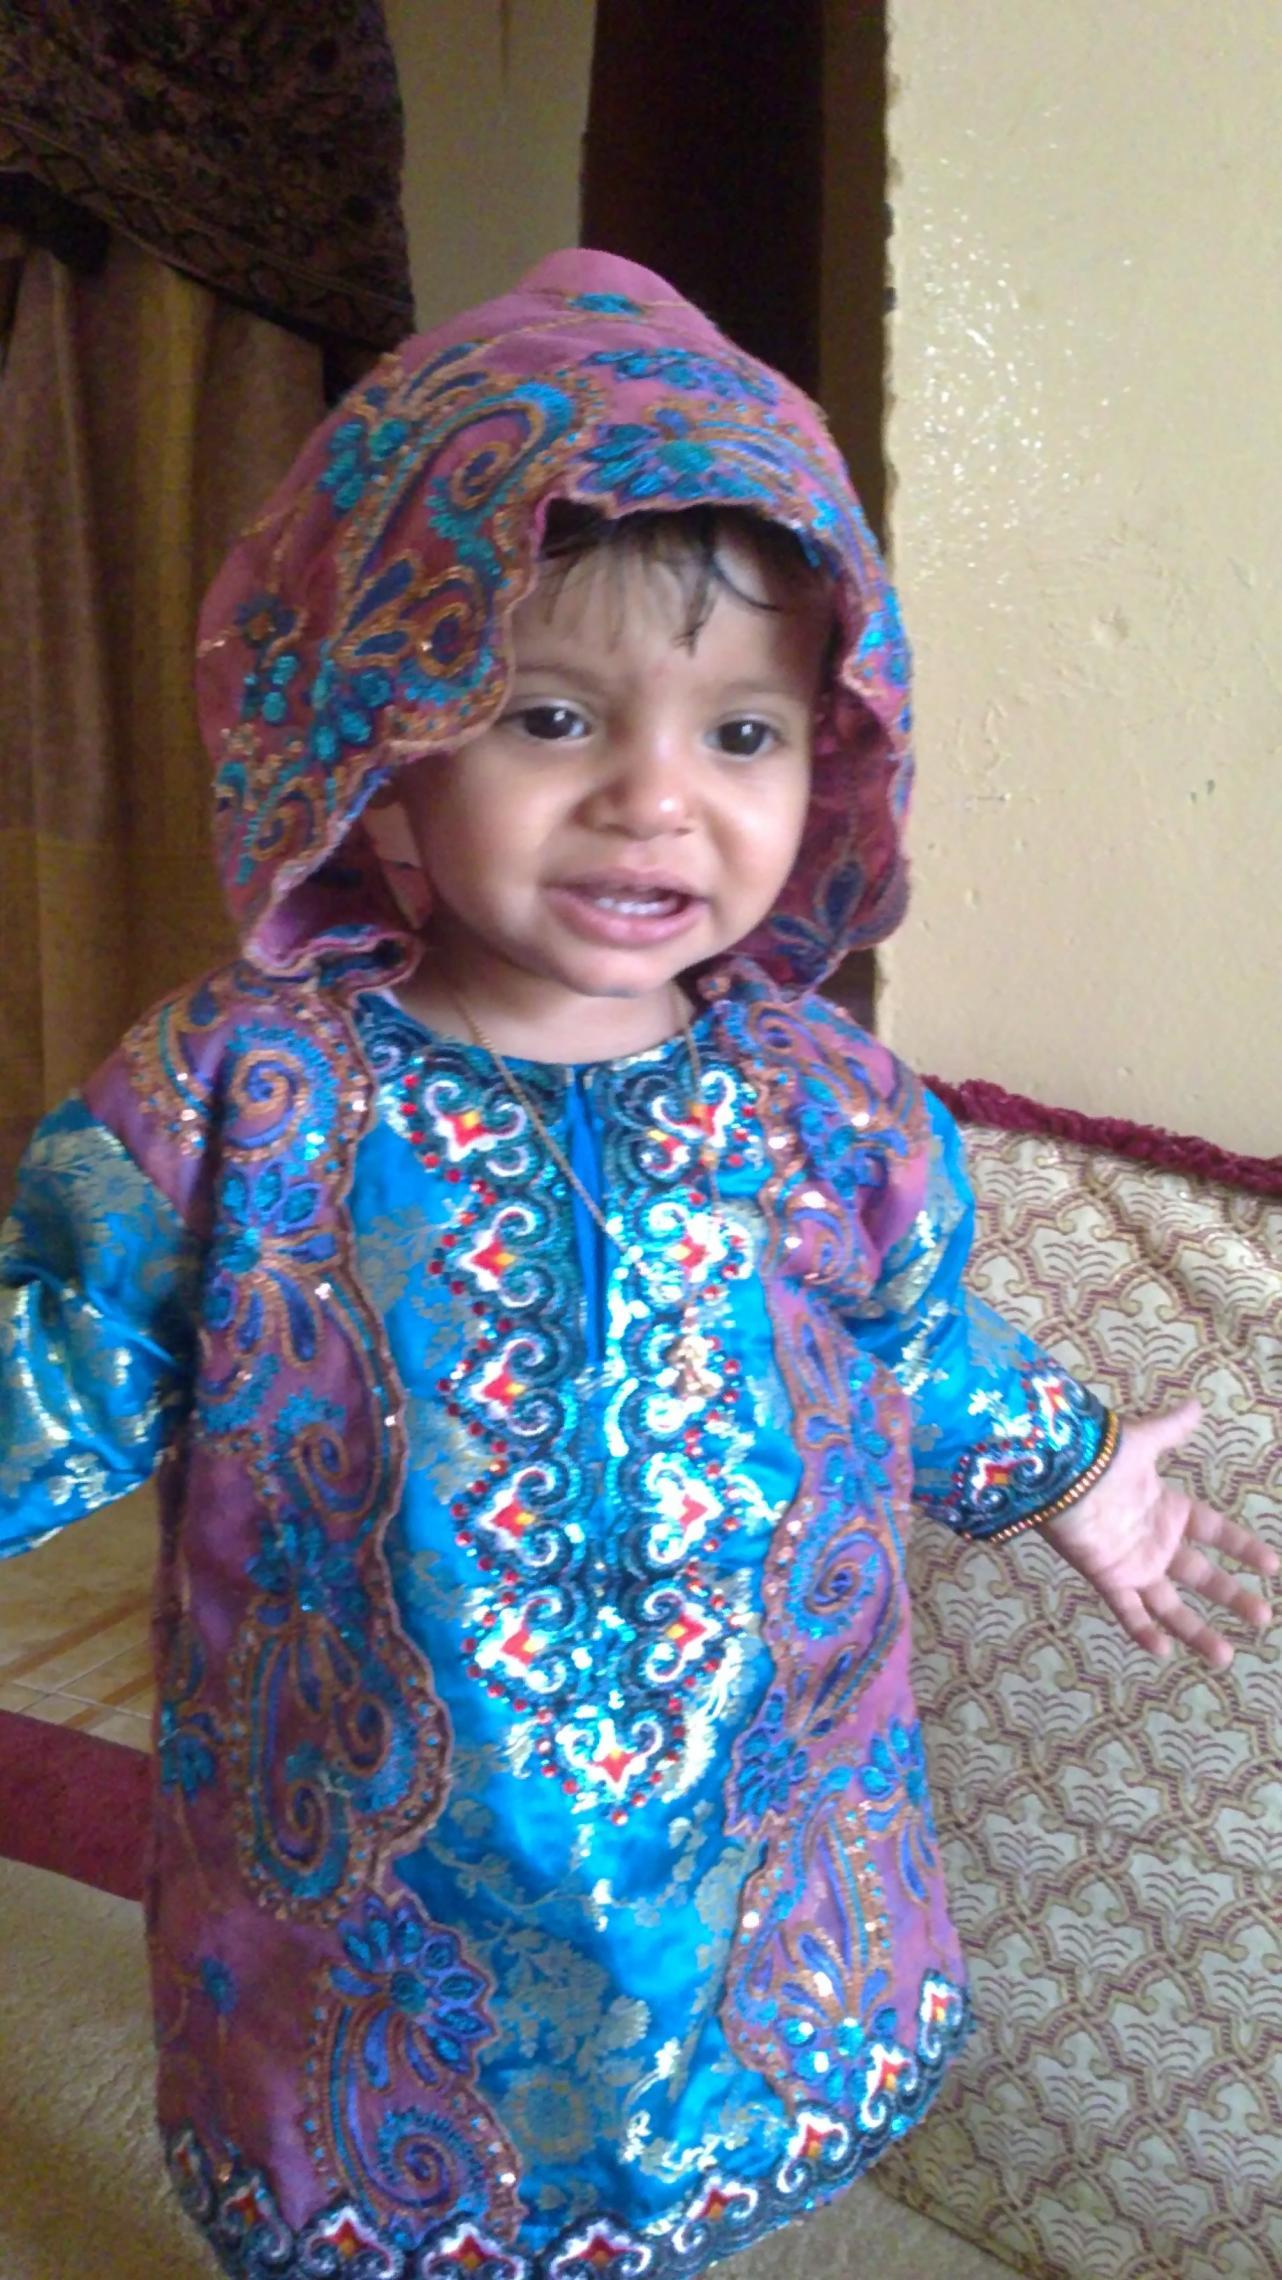 صورة ملابس تقليدية للاطفال , اللباس الشائع والمالوف للاطفال